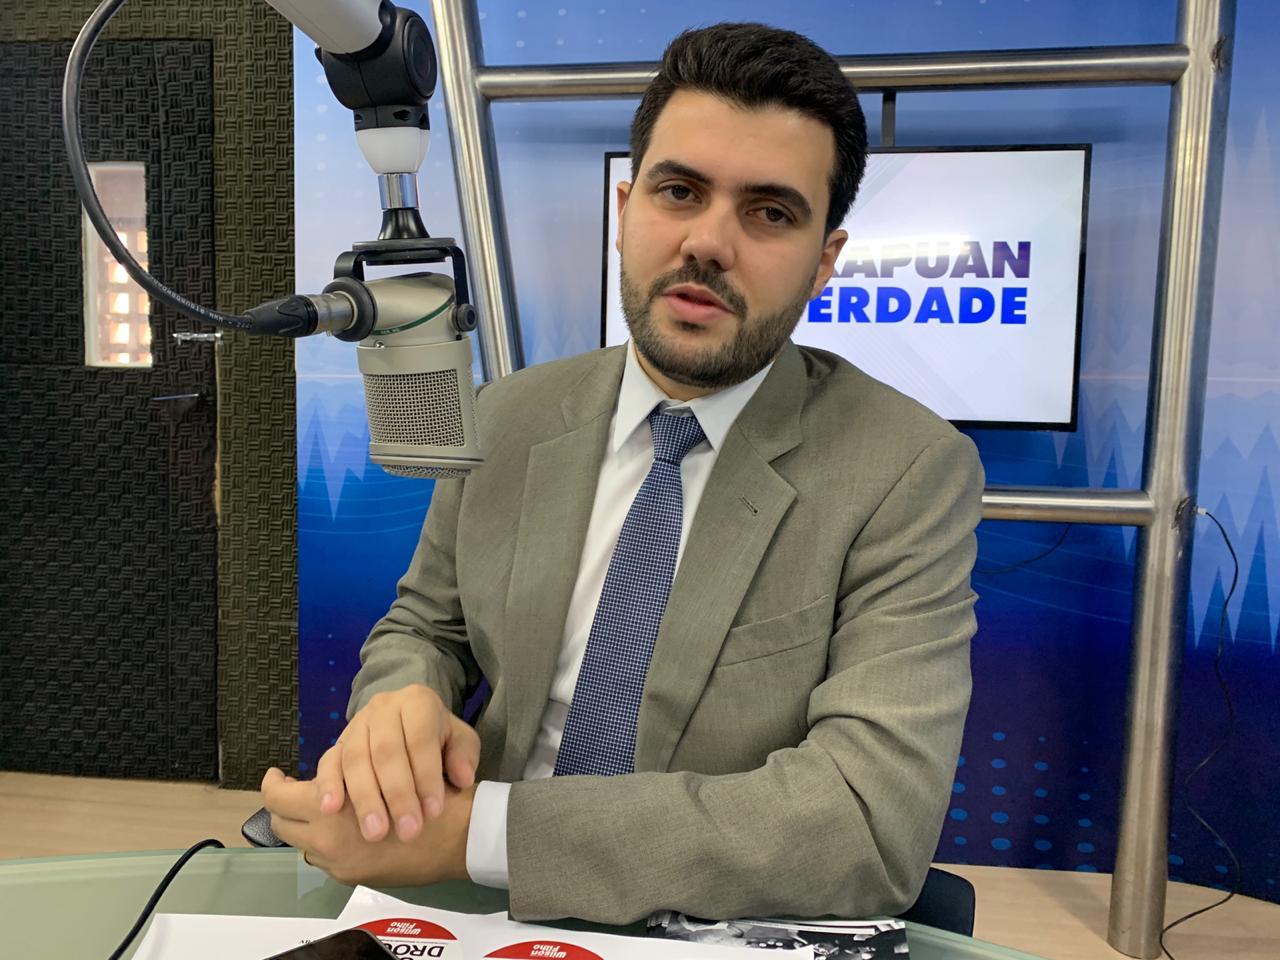 """39f720da 86d8 458e 92d2 50298645c32e - Wilson Filho vai sugerir ao Estado criação de fundo de combate às drogas e diz: """"descriminalizar maconha não é o melhor caminho para o Brasil"""" - VEJA VÍDEOS"""